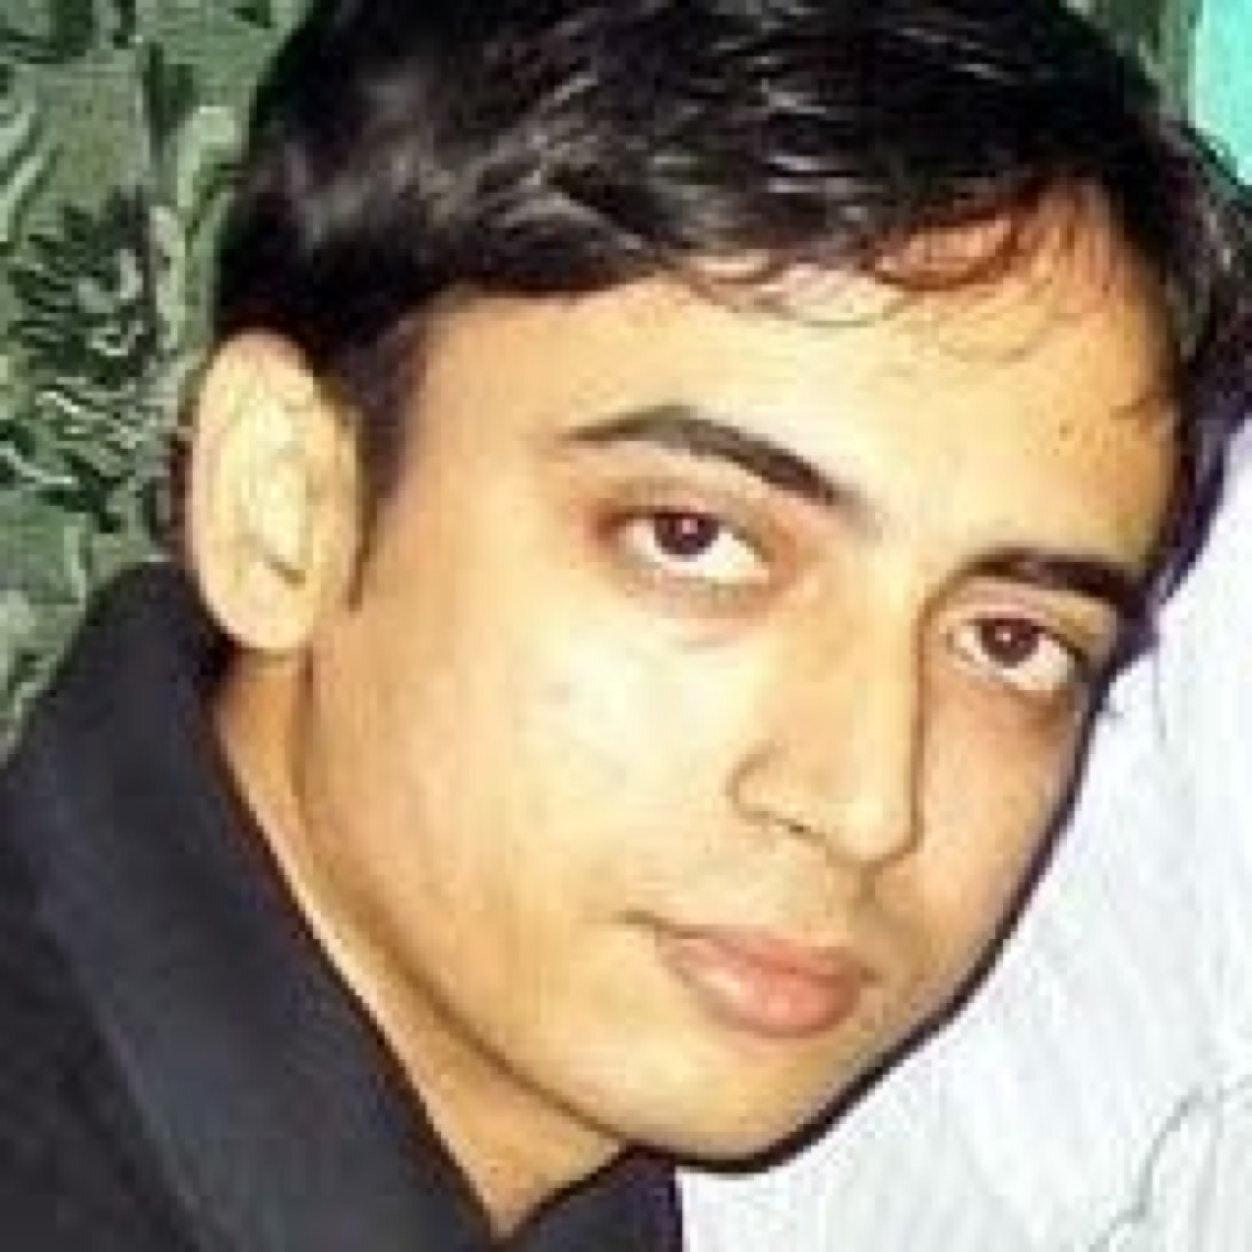 SK Mezanul Haque